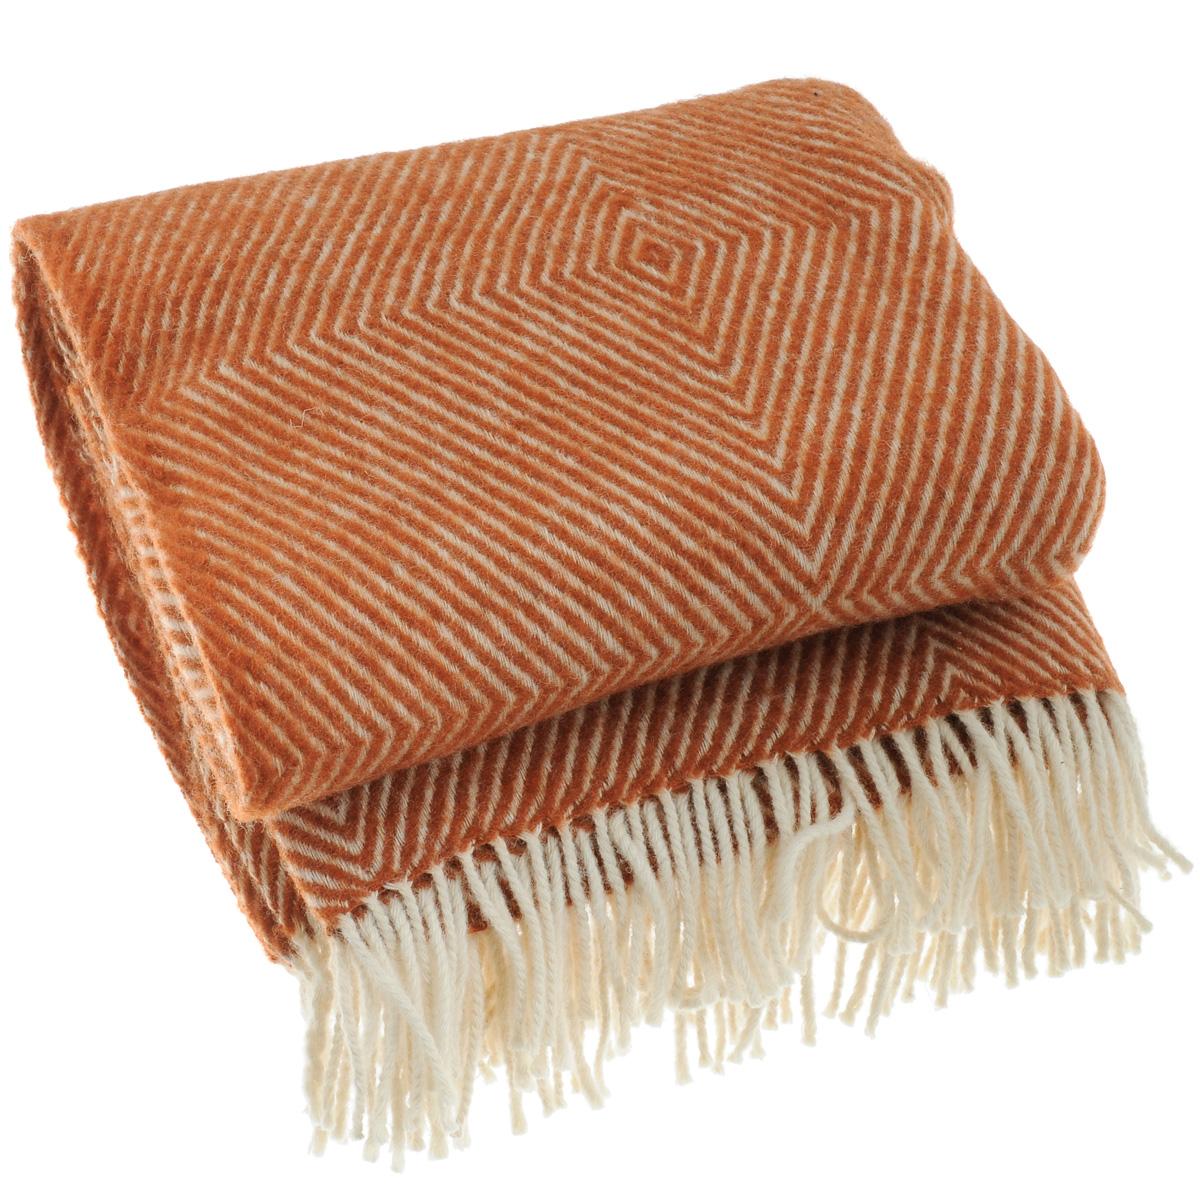 Плед Руно Bergamo, цвет: коричневый, 140 х 200 см 1-711-140_061-711-140_06Теплый и уютный плед с кисточками Руно Bergamo выполнен из натуральной овечьей шерсти с добавлением искусственного волокна и оформлен принтом в полоску. Плед изготовлен с молезащитной обработкой. Под шерстяным пледом вам никогда не станет жарко или холодно, он помогает поддерживать постоянную температуру тела. Шерсть обладает прекрасной воздухопроницаемостью, она поглощает и нейтрализует вредные вещества и славится своими целебными свойствами. Плед из шерсти станет лучшим лекарством для людей, страдающих ревматизмом, радикулитом, головными и мышечными болями, сердечно-сосудистыми заболеваниями и нарушениями кровообращения. Шерсть не электризуется. Она прочна, износостойка, долговечна. Наконец, шерсть просто приятна на ощупь, ее мягкость и фактура вызывают потрясающие тактильные ощущения! Такой плед идеально подойдет для дачного отдыха: он очень пригодится, как только захочется укутаться, дыша вечерним воздухом, выручит, если приехали гости, и...